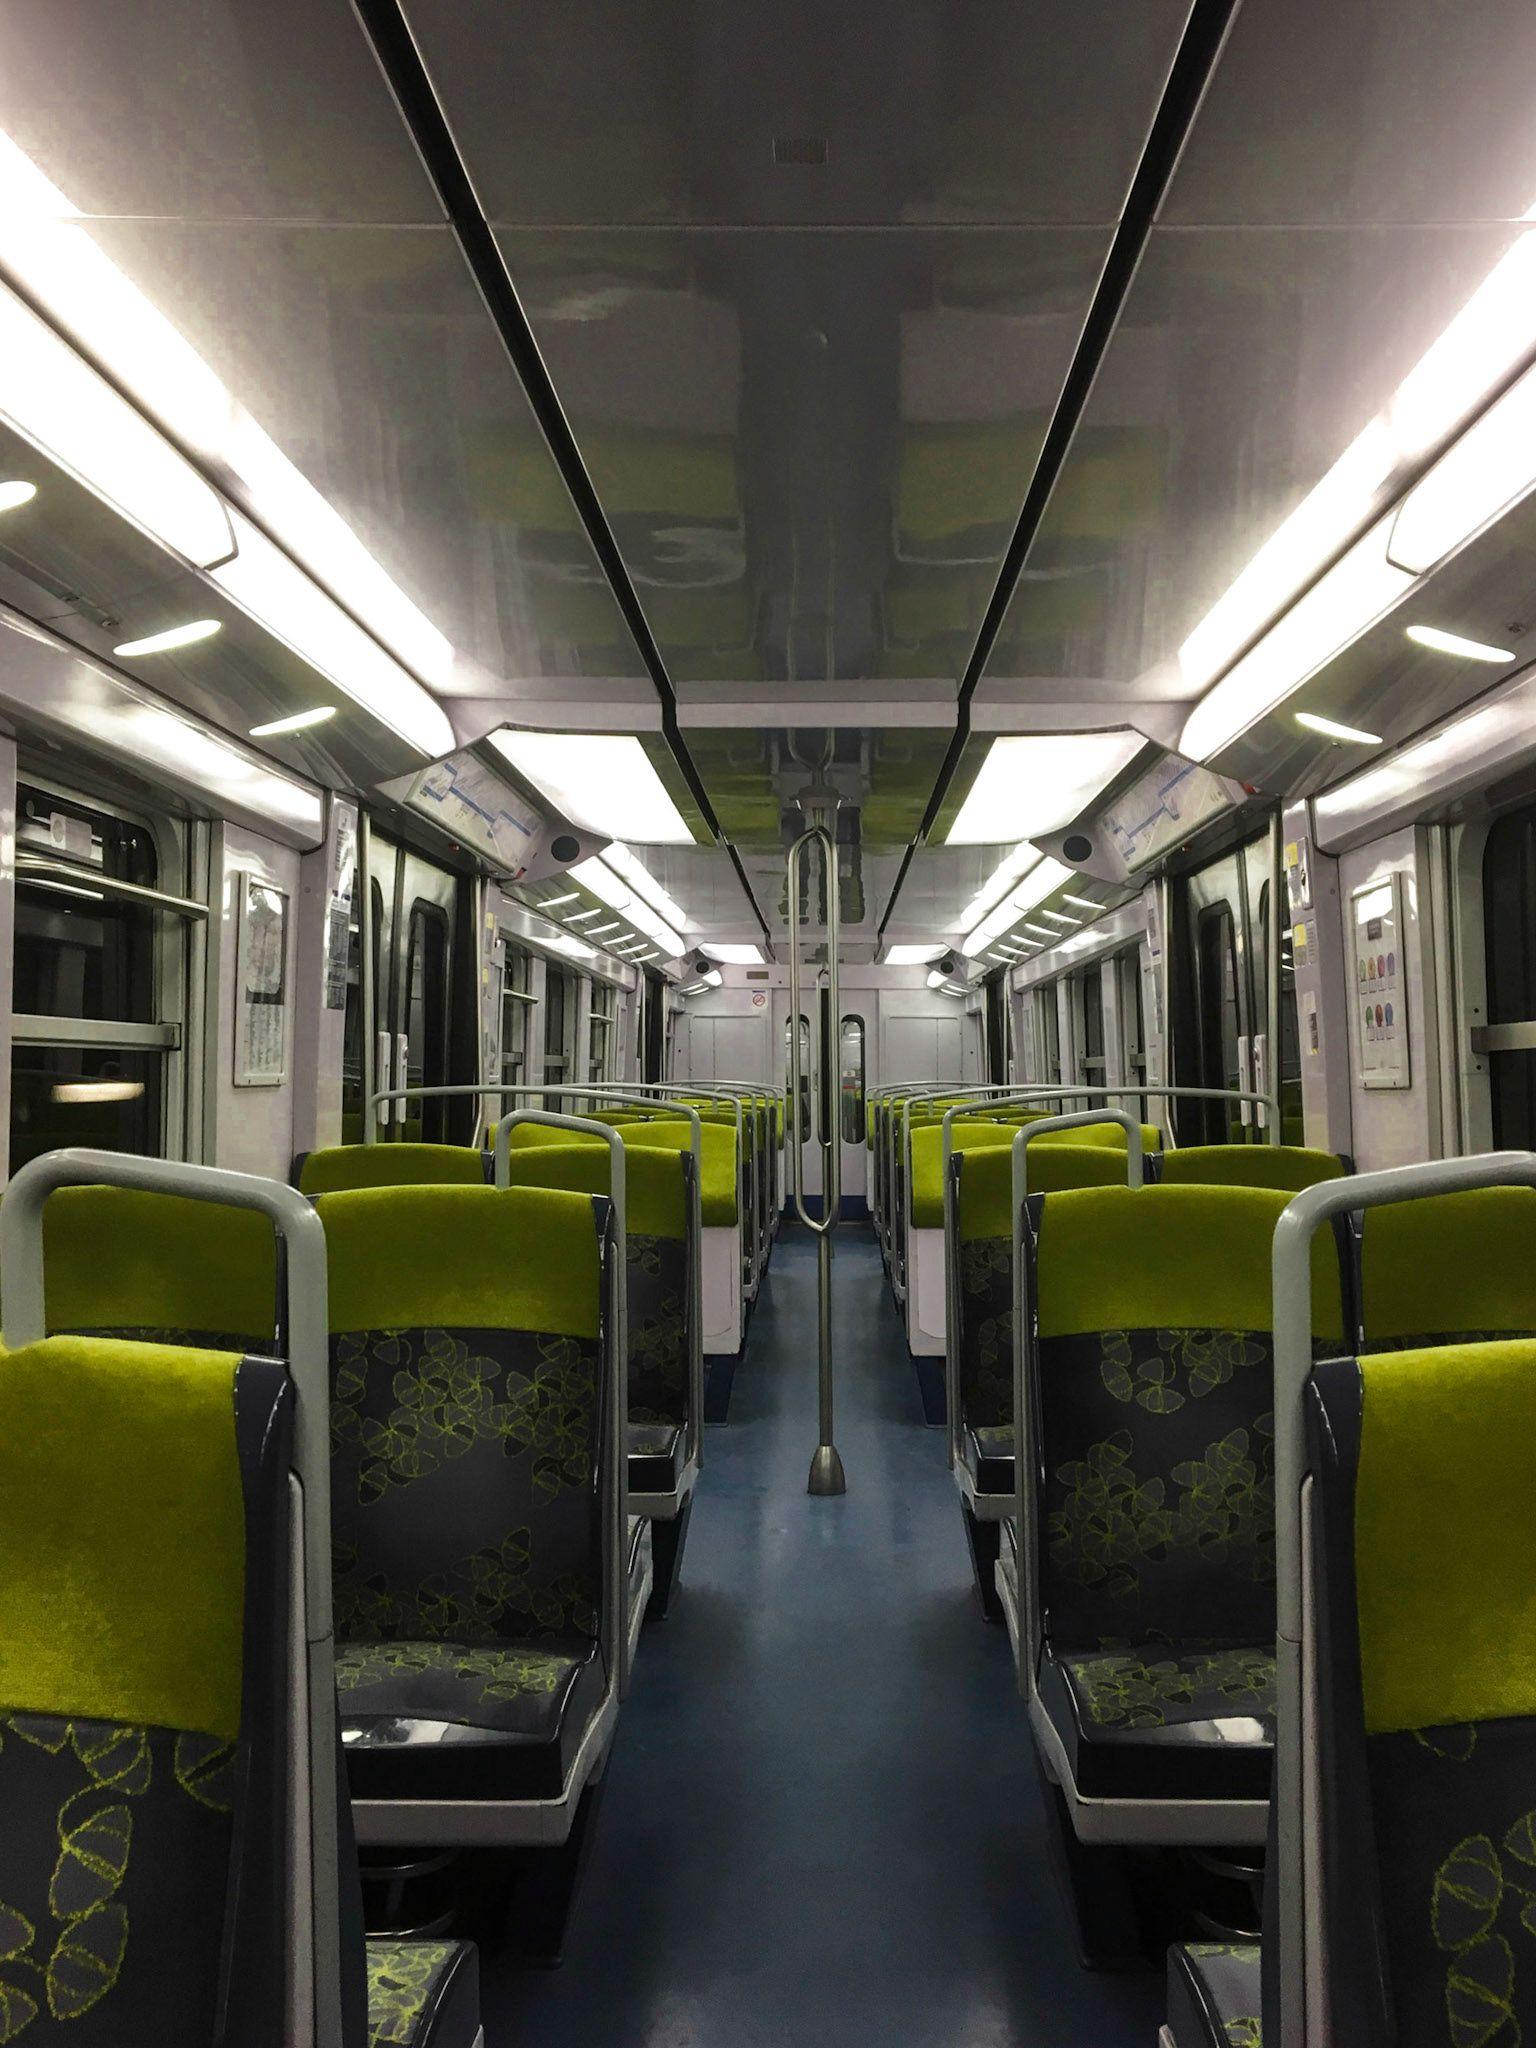 Paris metro car interior